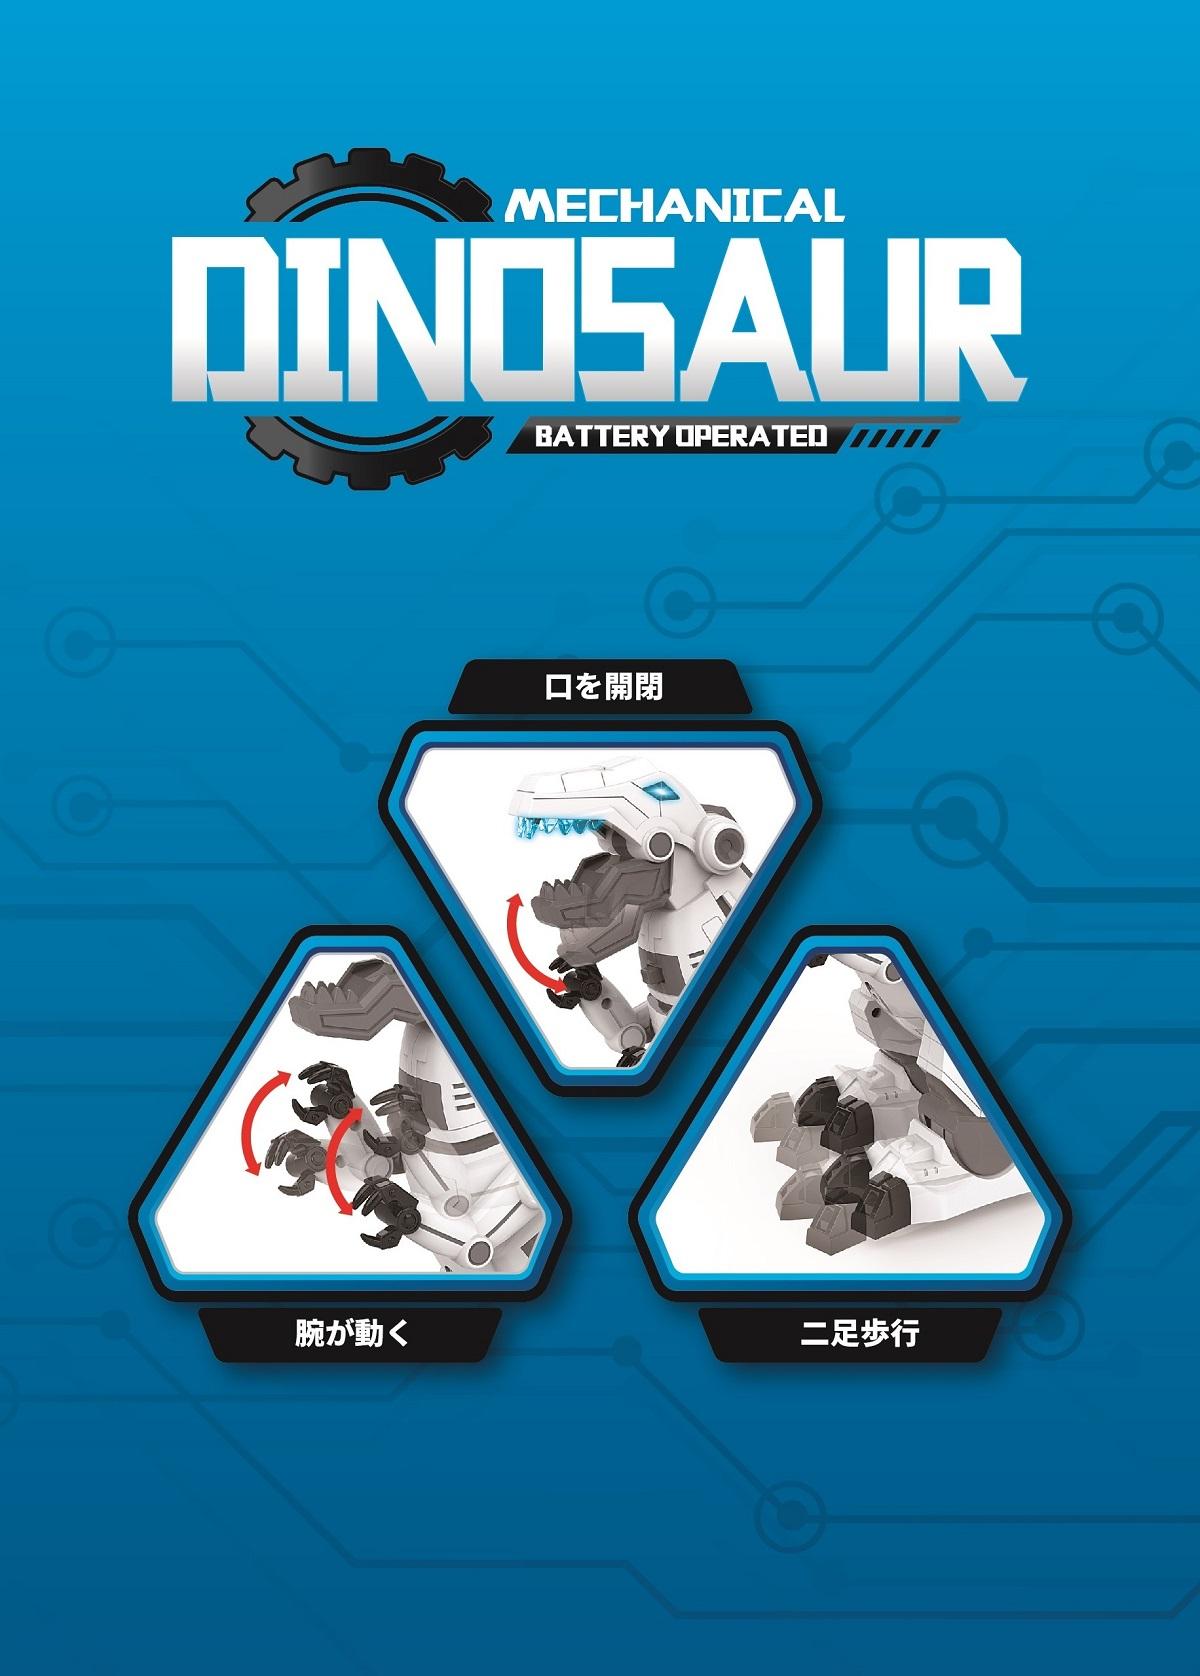 恐竜の王様 - ティラノサウルスをモデルにしたロボットT-REX(ティーレックス)口を開いたり、閉じたり、手と足を動かして、音楽を鳴らしたり、ライトを点滅したりしながら歩き回ります。子供たちは大興奮です。